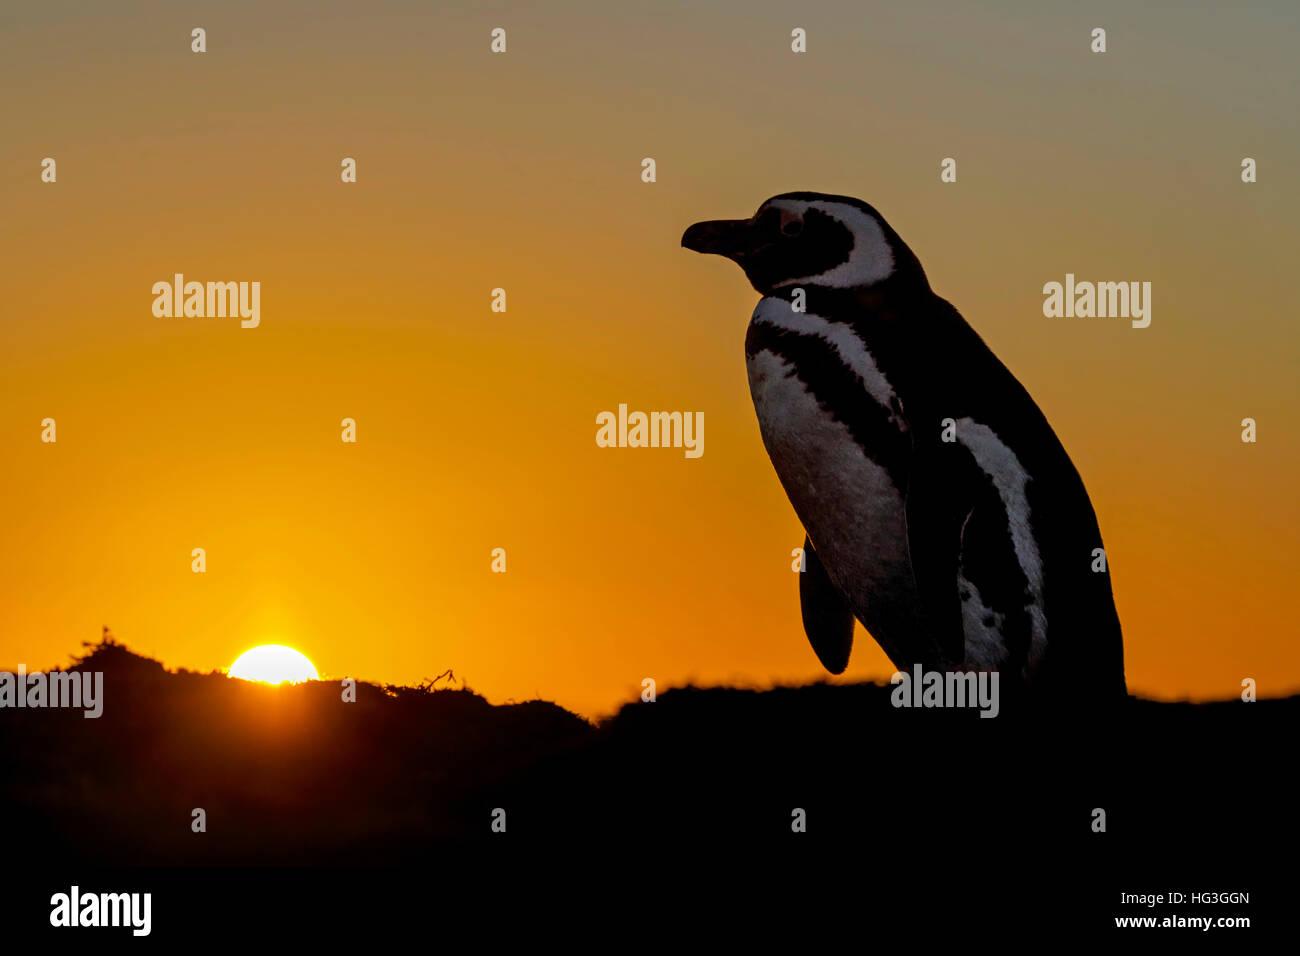 Magellanic Penguin Immagini Stock